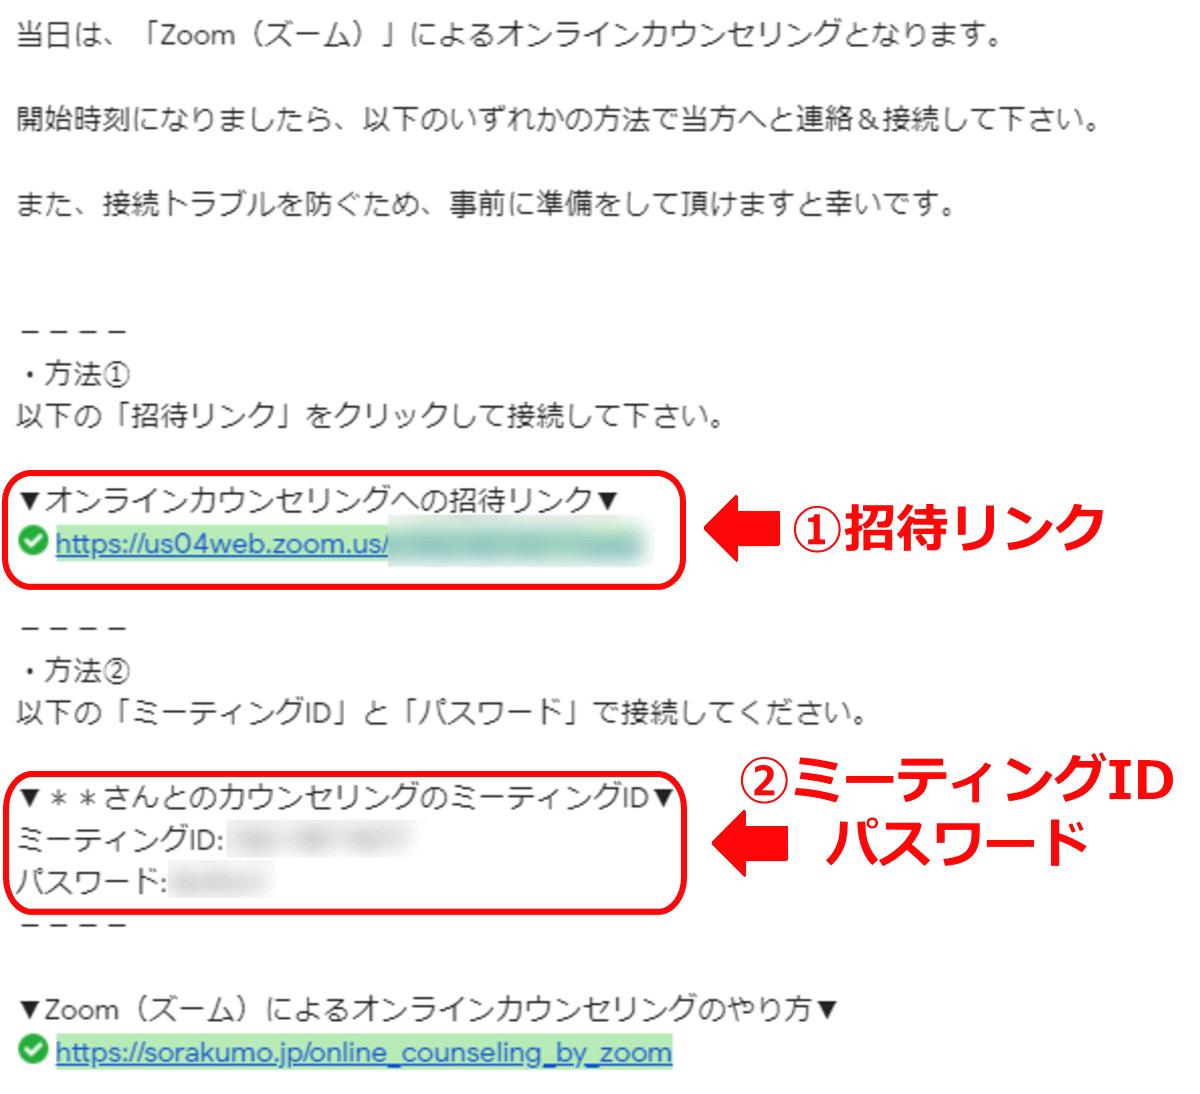 zoomの招待リンクとzoomのミーティングIDとパスワードの表示イメージ